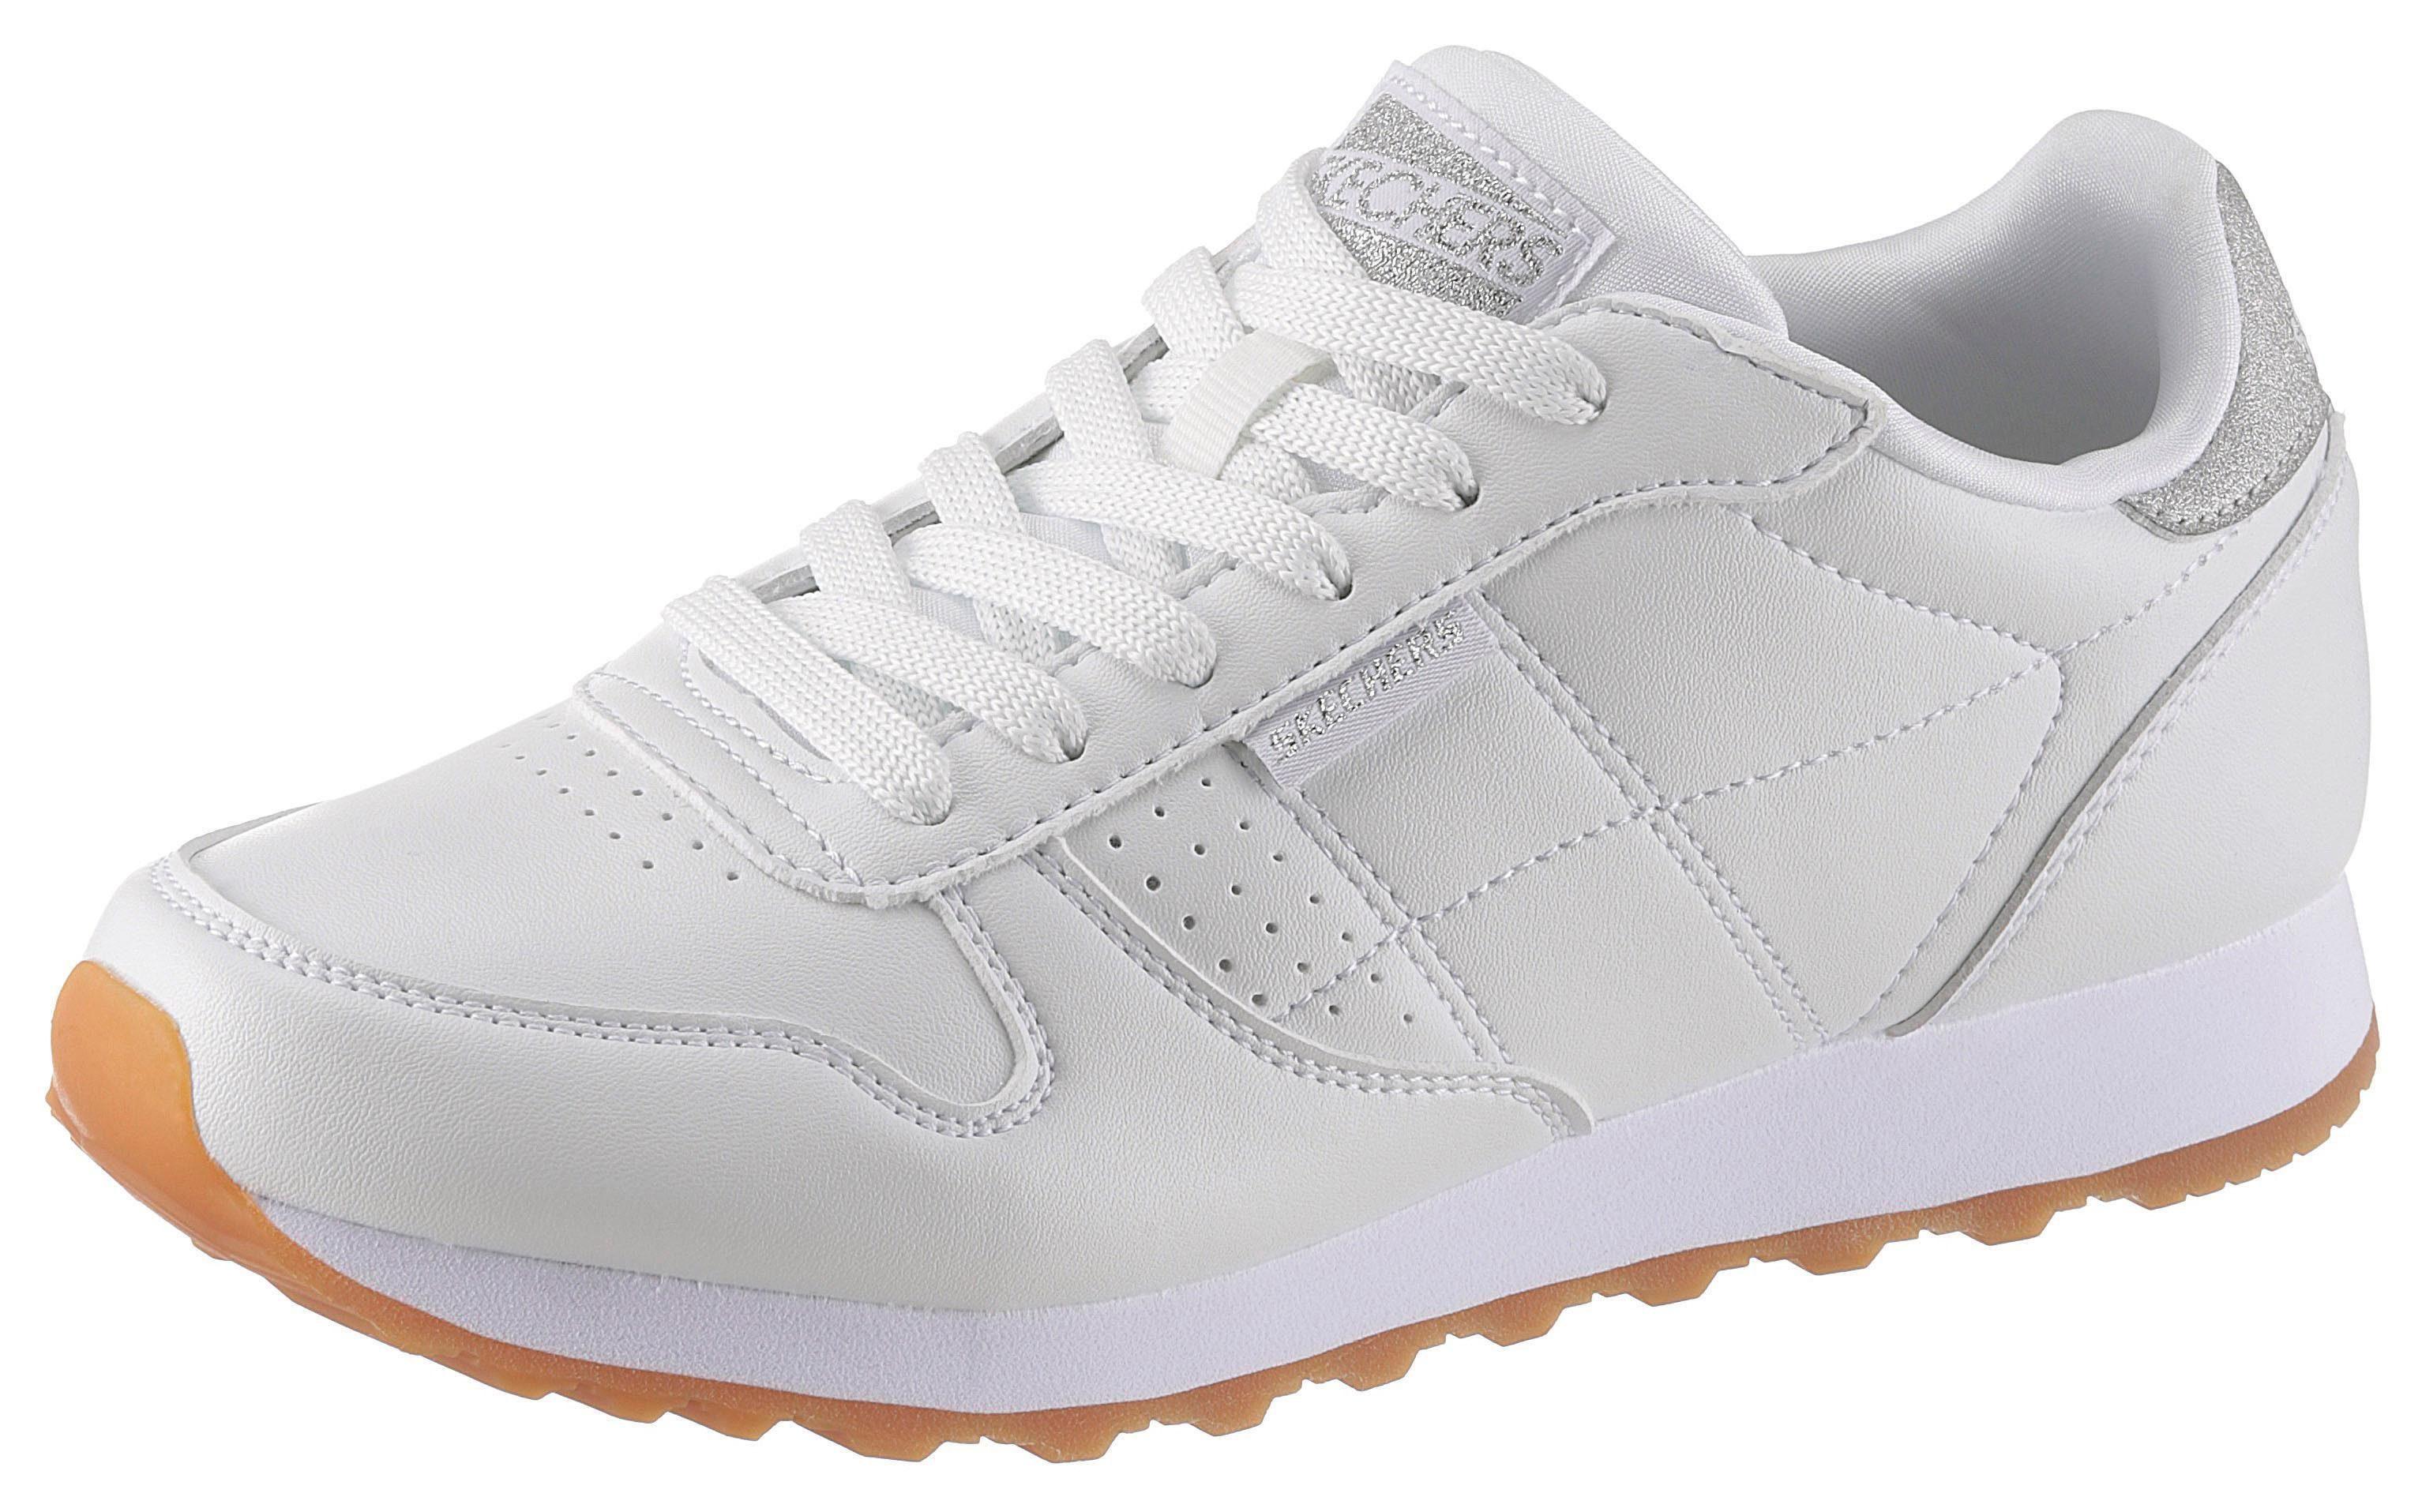 Skechers »OG 85 Old School Cool« Sneaker mit Glitzerbesatz an der Ferse online kaufen | OTTO